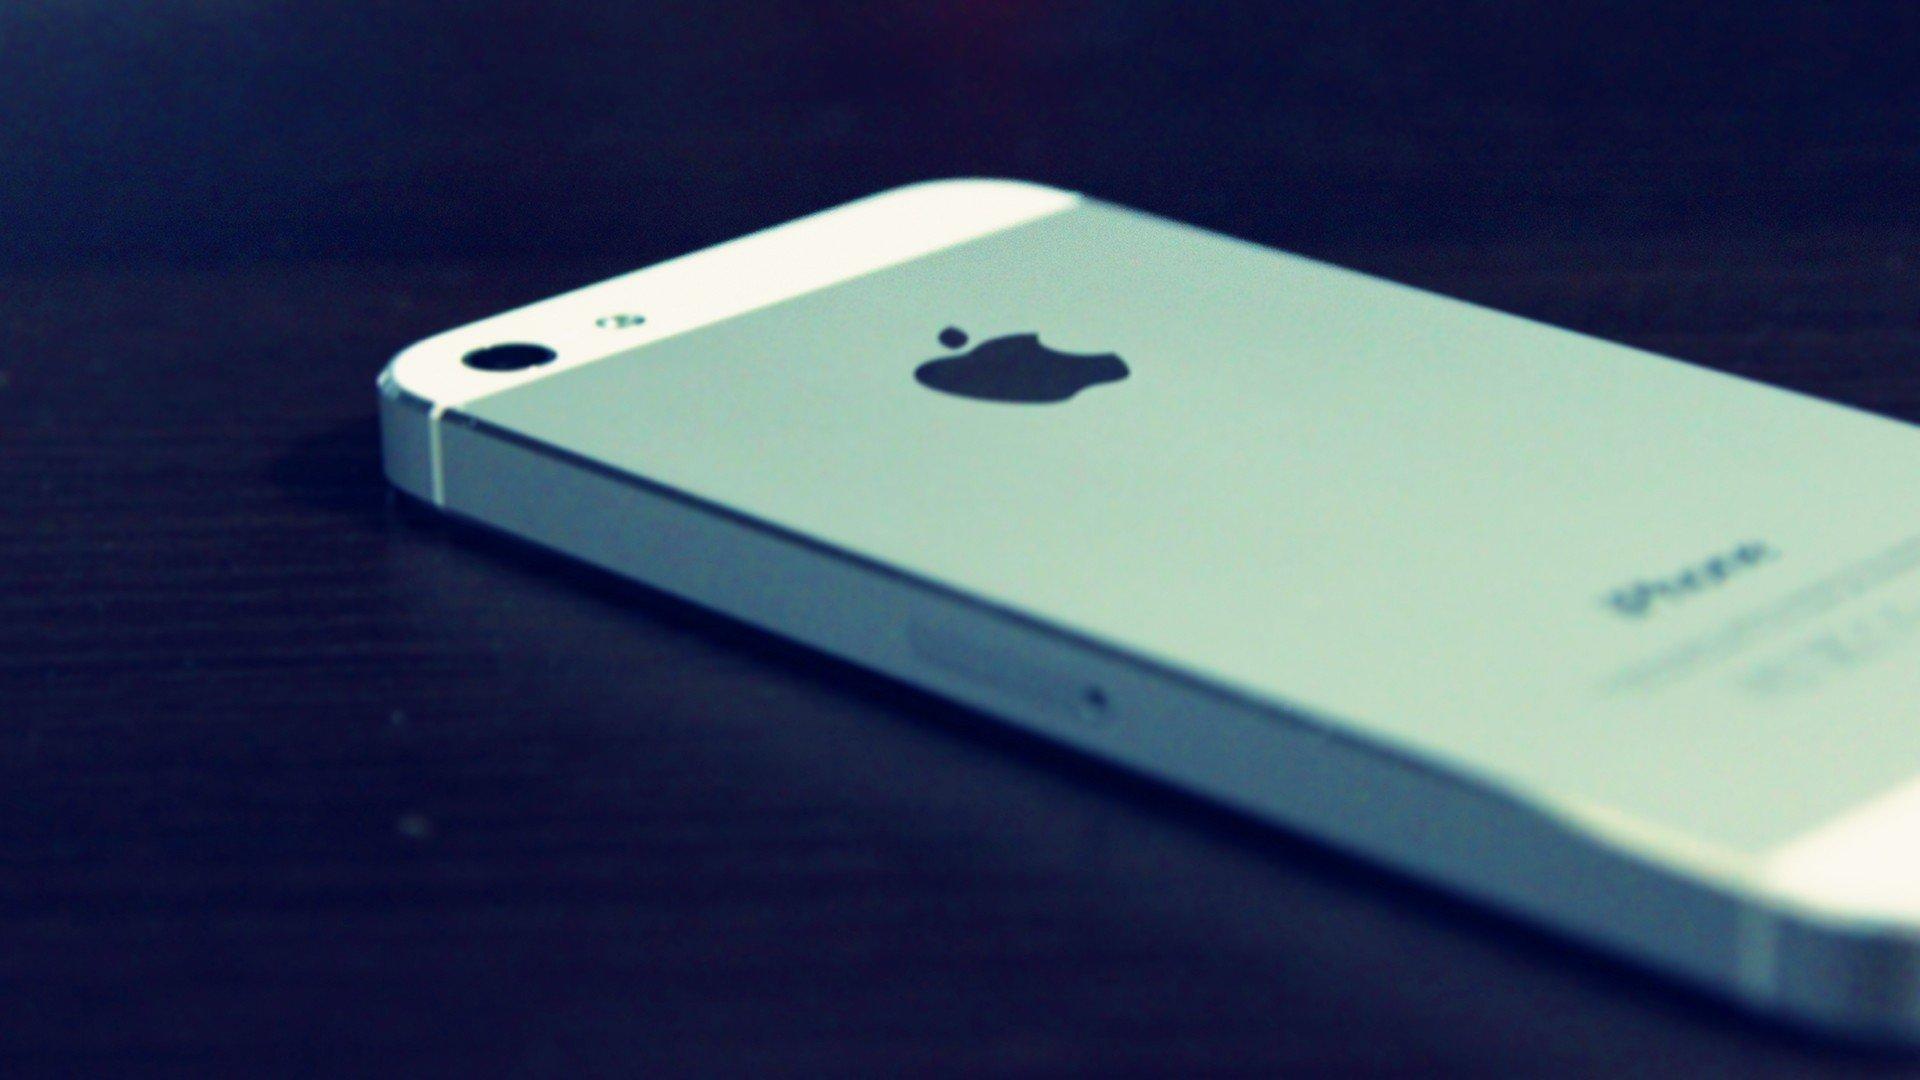 1 января 2015 г. россияне не смогут пользоваться iPhone - Изображение 1